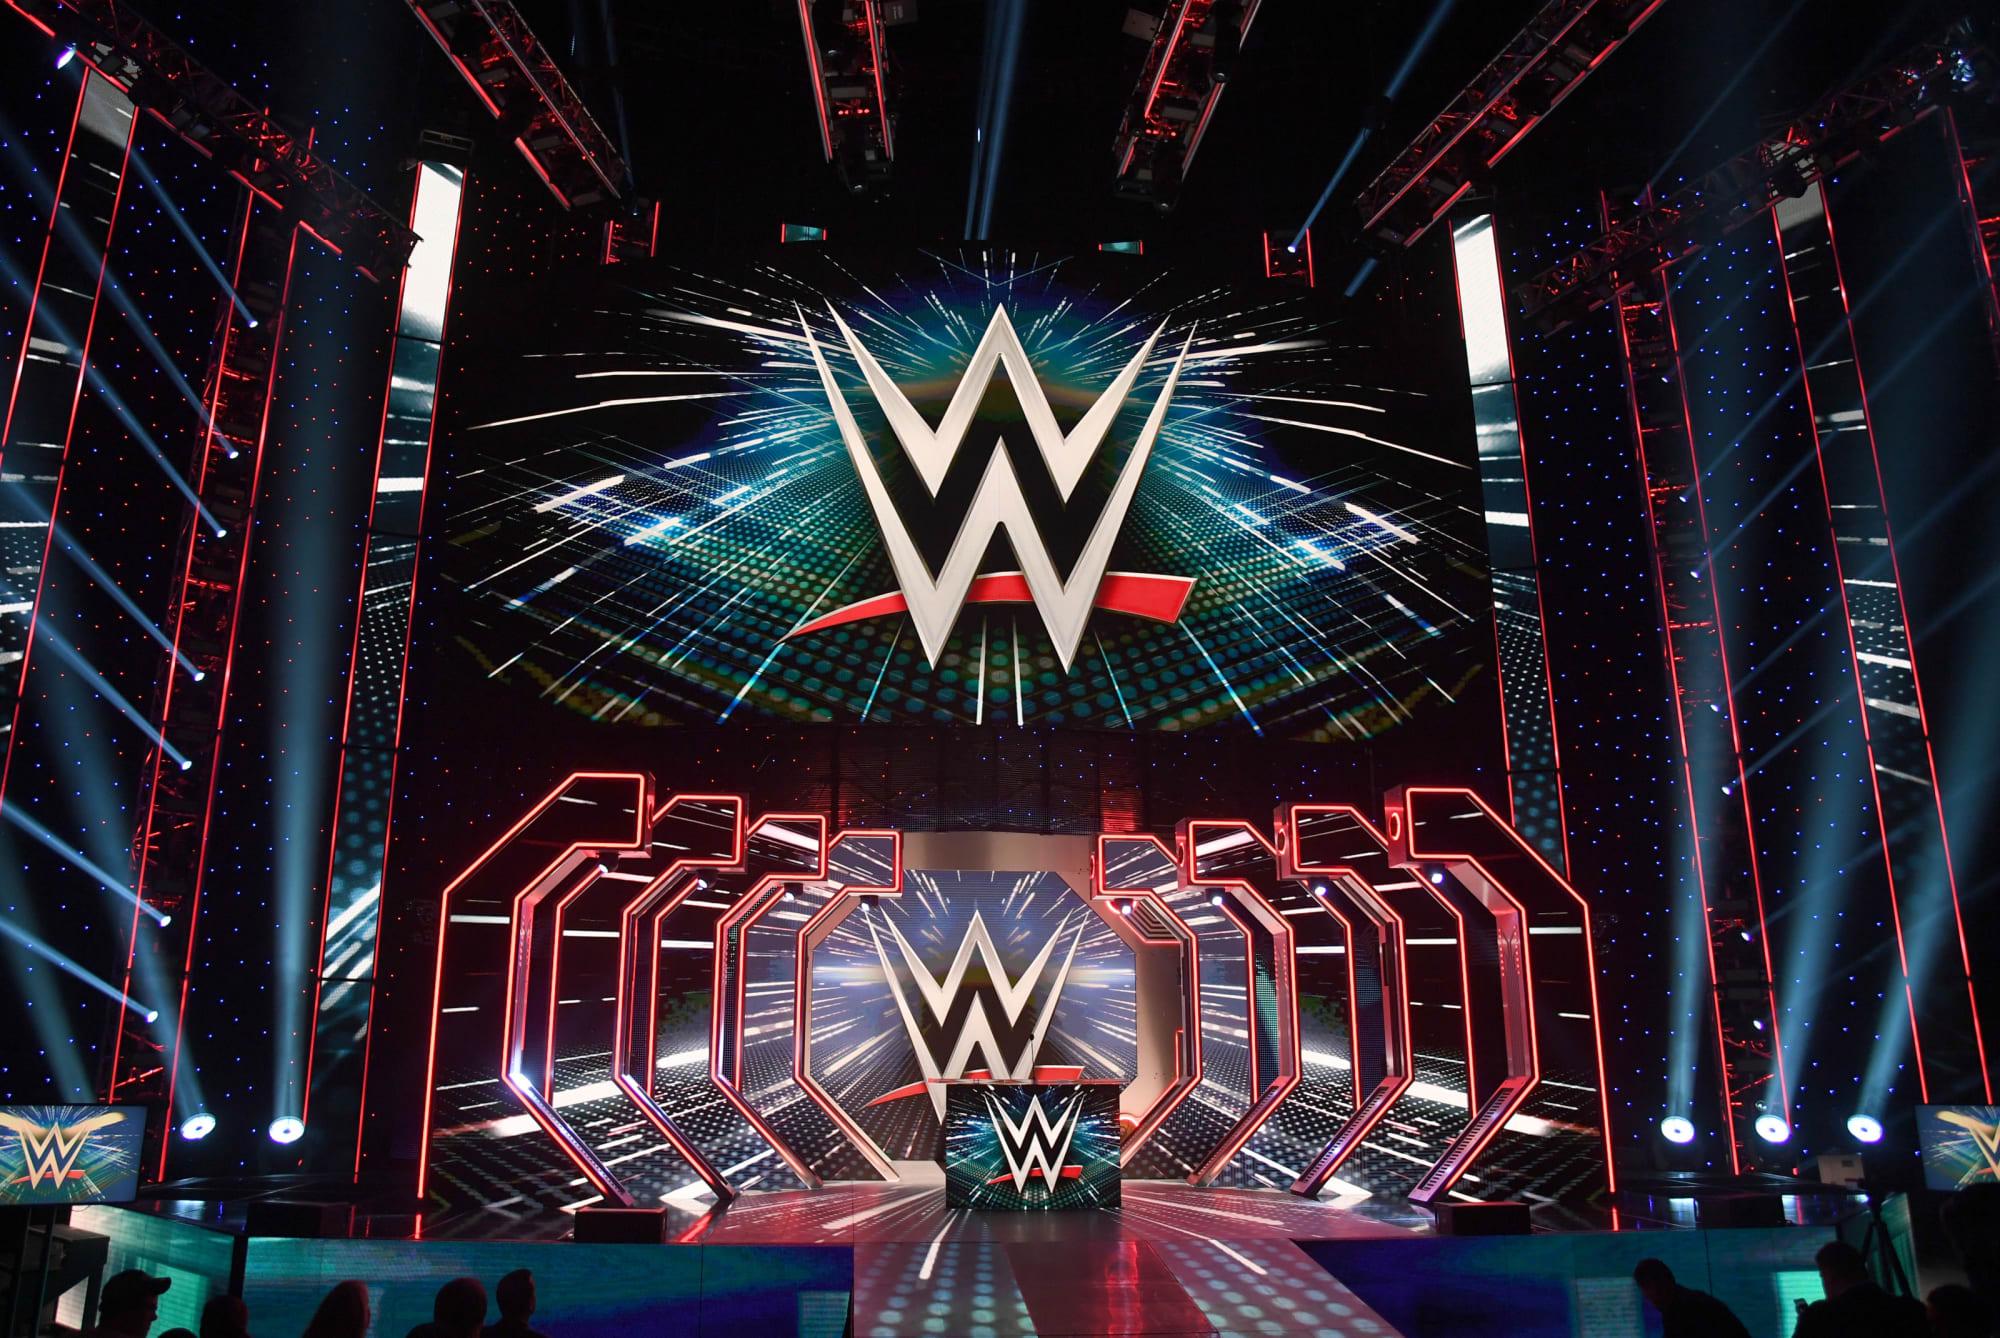 Aquí está todo lo que sabemos sobre el lanzamiento de Bray Wyatt en WWE